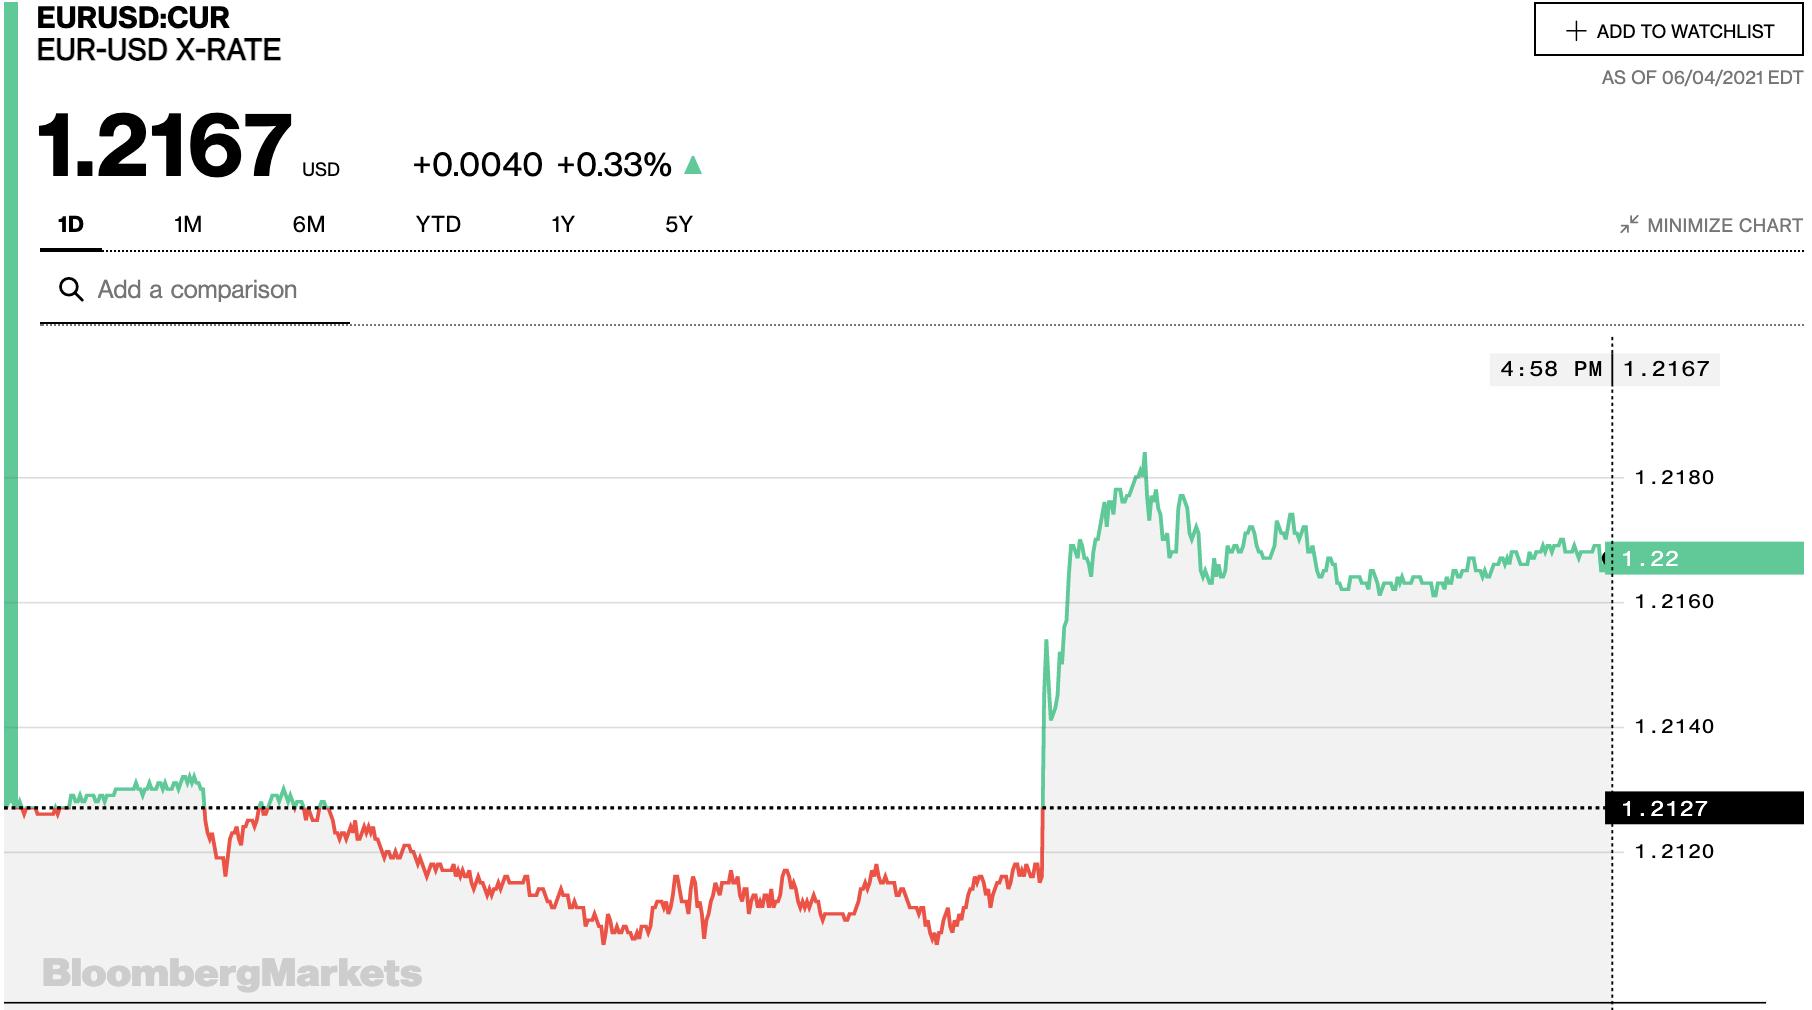 Tỷ giá euro hôm nay 5/6: Xu hướng giảm vẫn chiếm đa số ngân hàng - Ảnh 2.